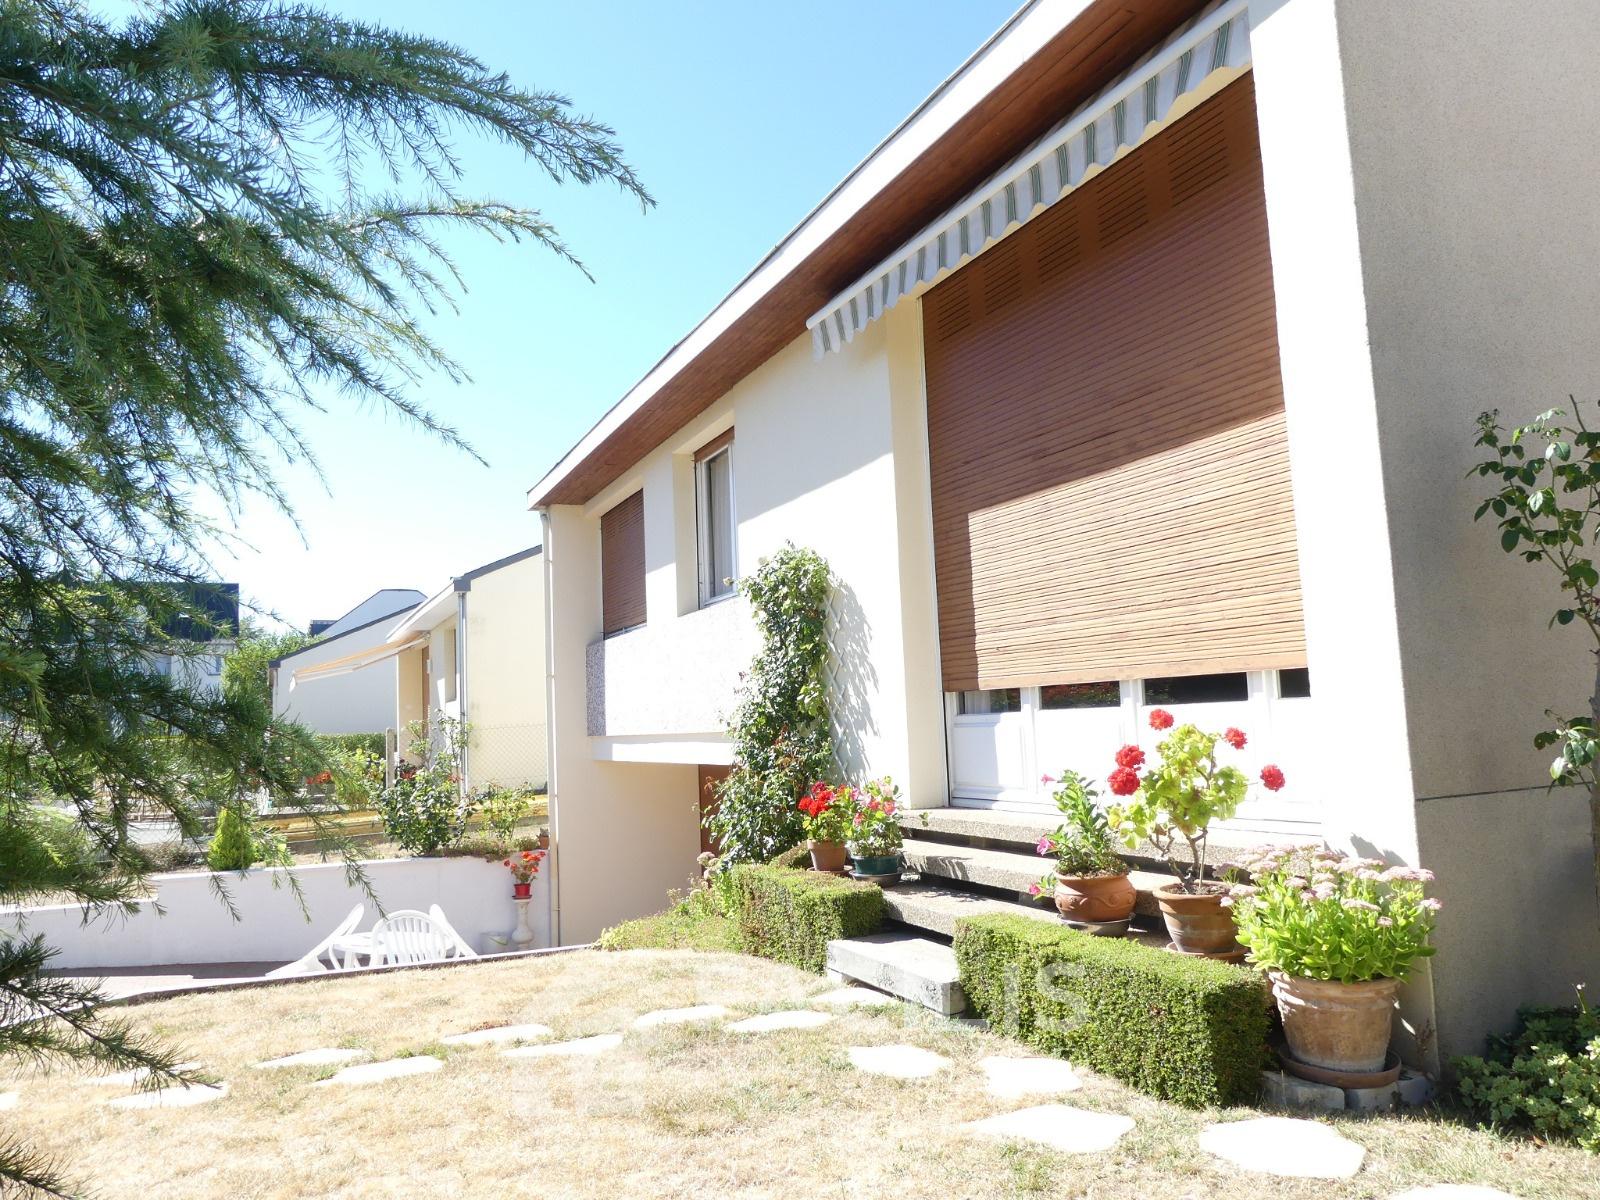 Le groupe facilis immobilier villenave d ornon for Garage ad villefontaine